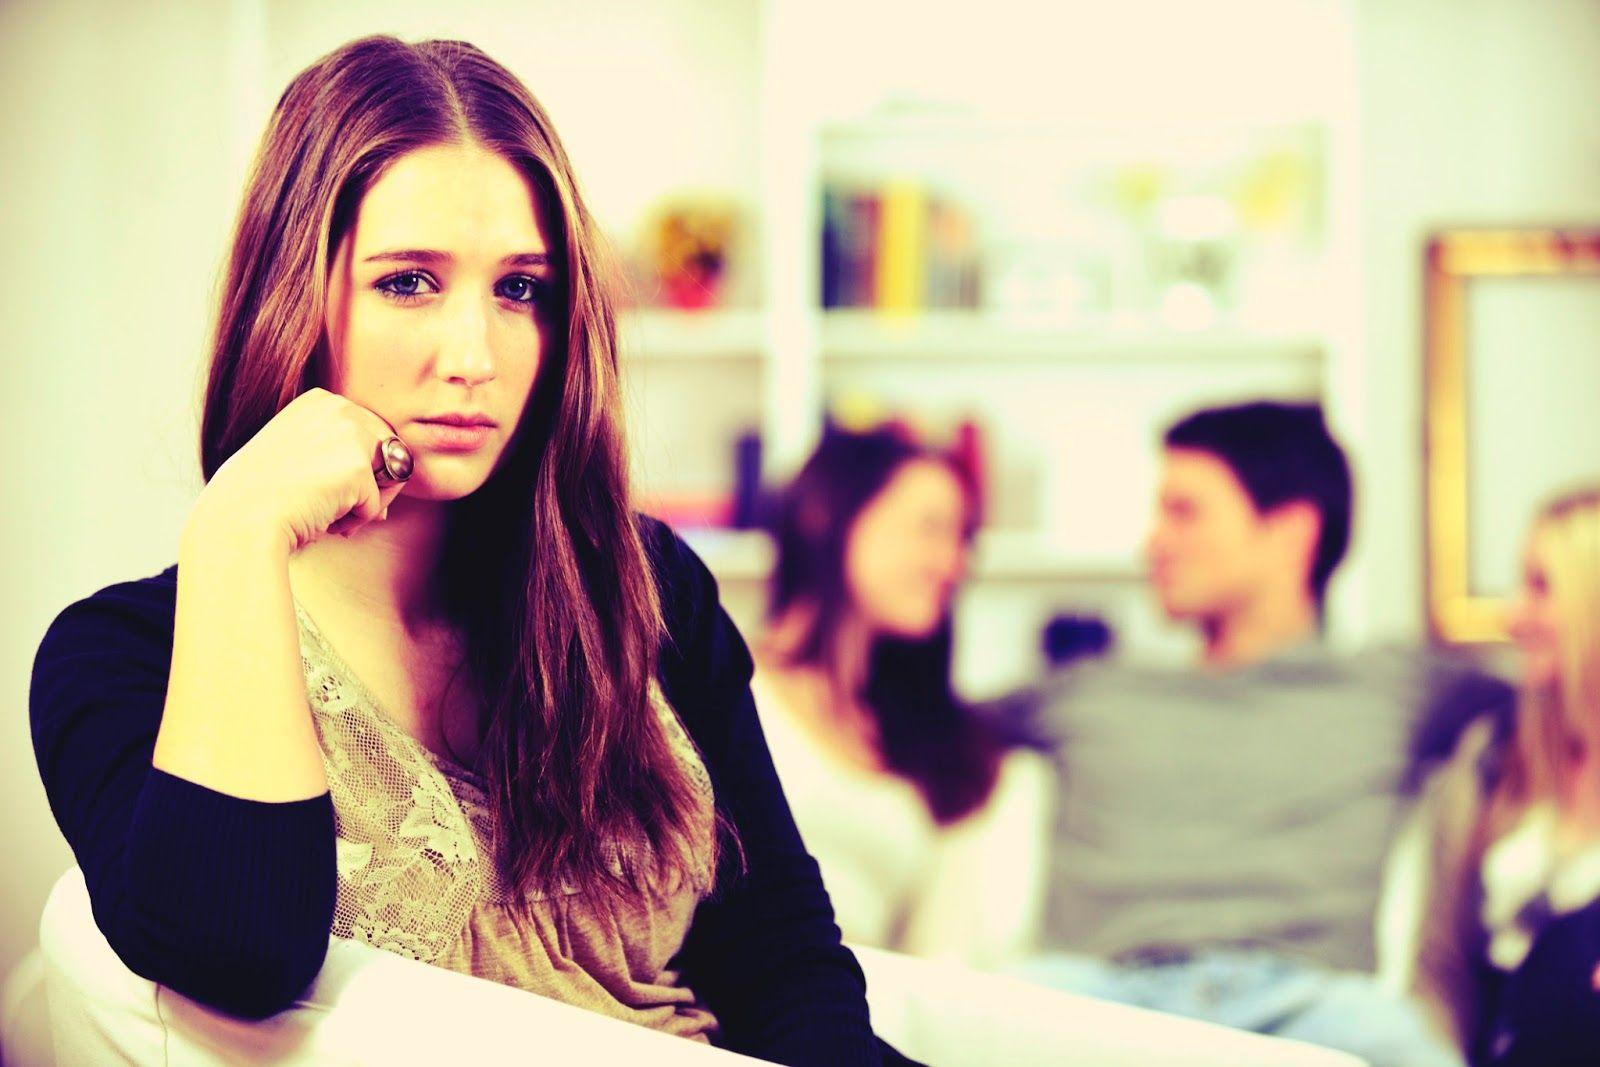 Terapia de Familia: La Salud Mental en la Pareja - Los Celos Obsesivos